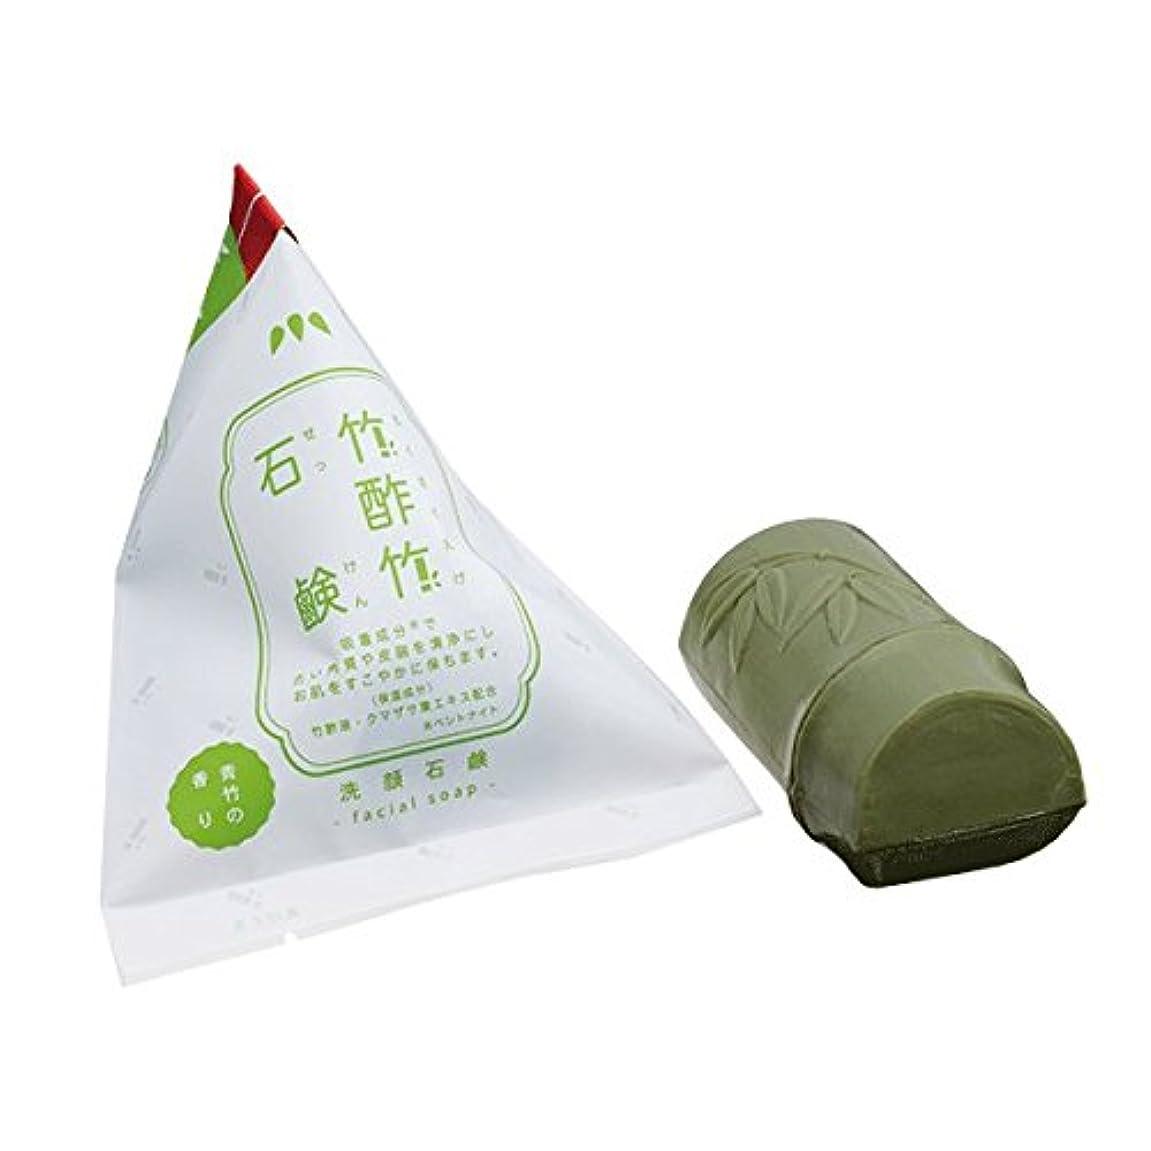 納屋オリエンタルスタックフェニックス 竹酢竹泥棒石鹸120g(5個セット)